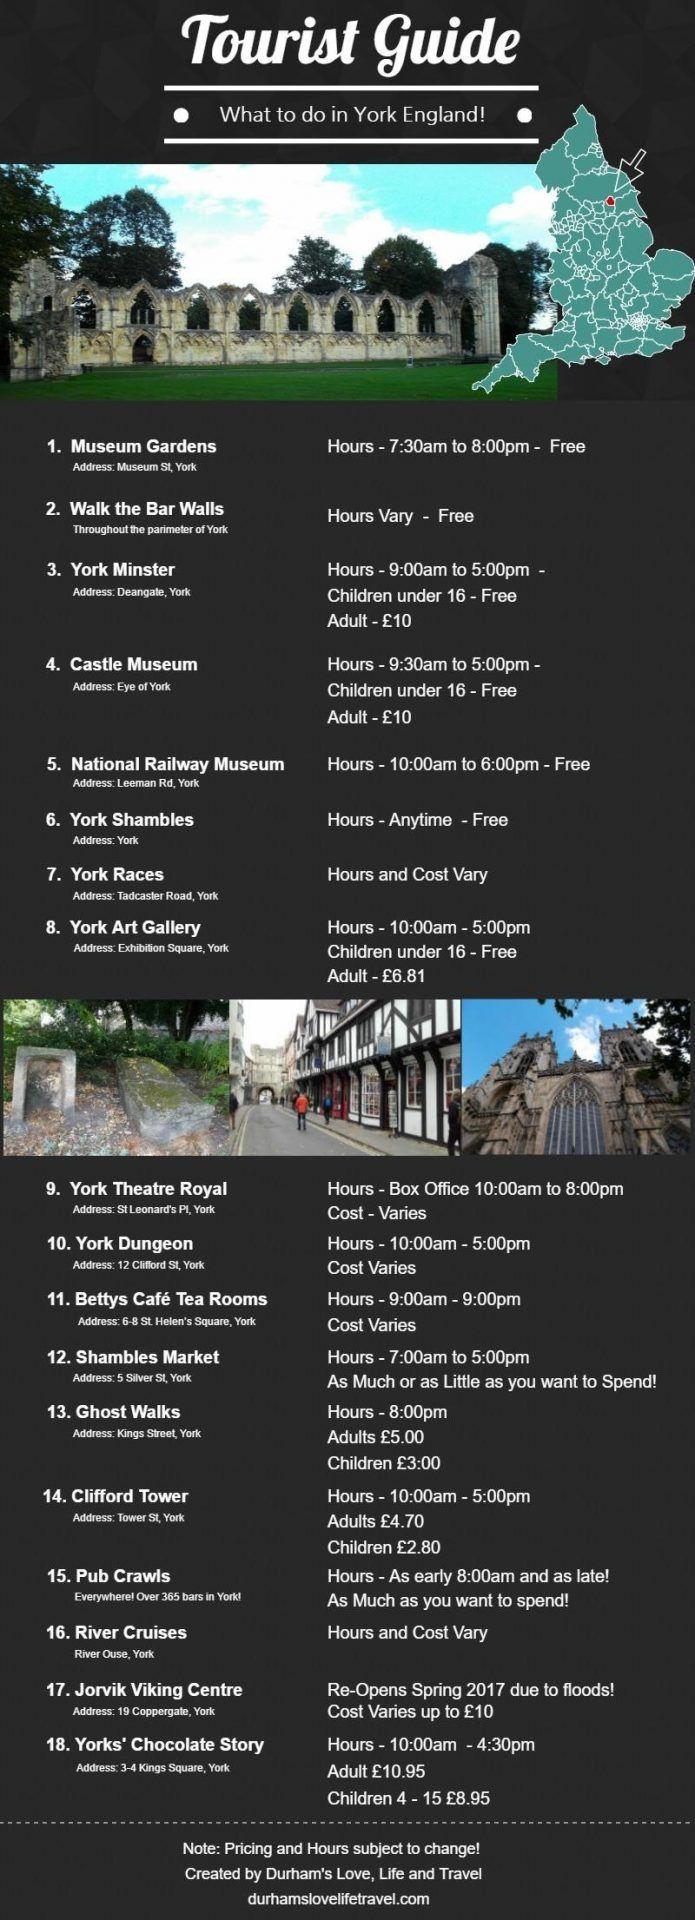 Tourist Quick Guide - York England